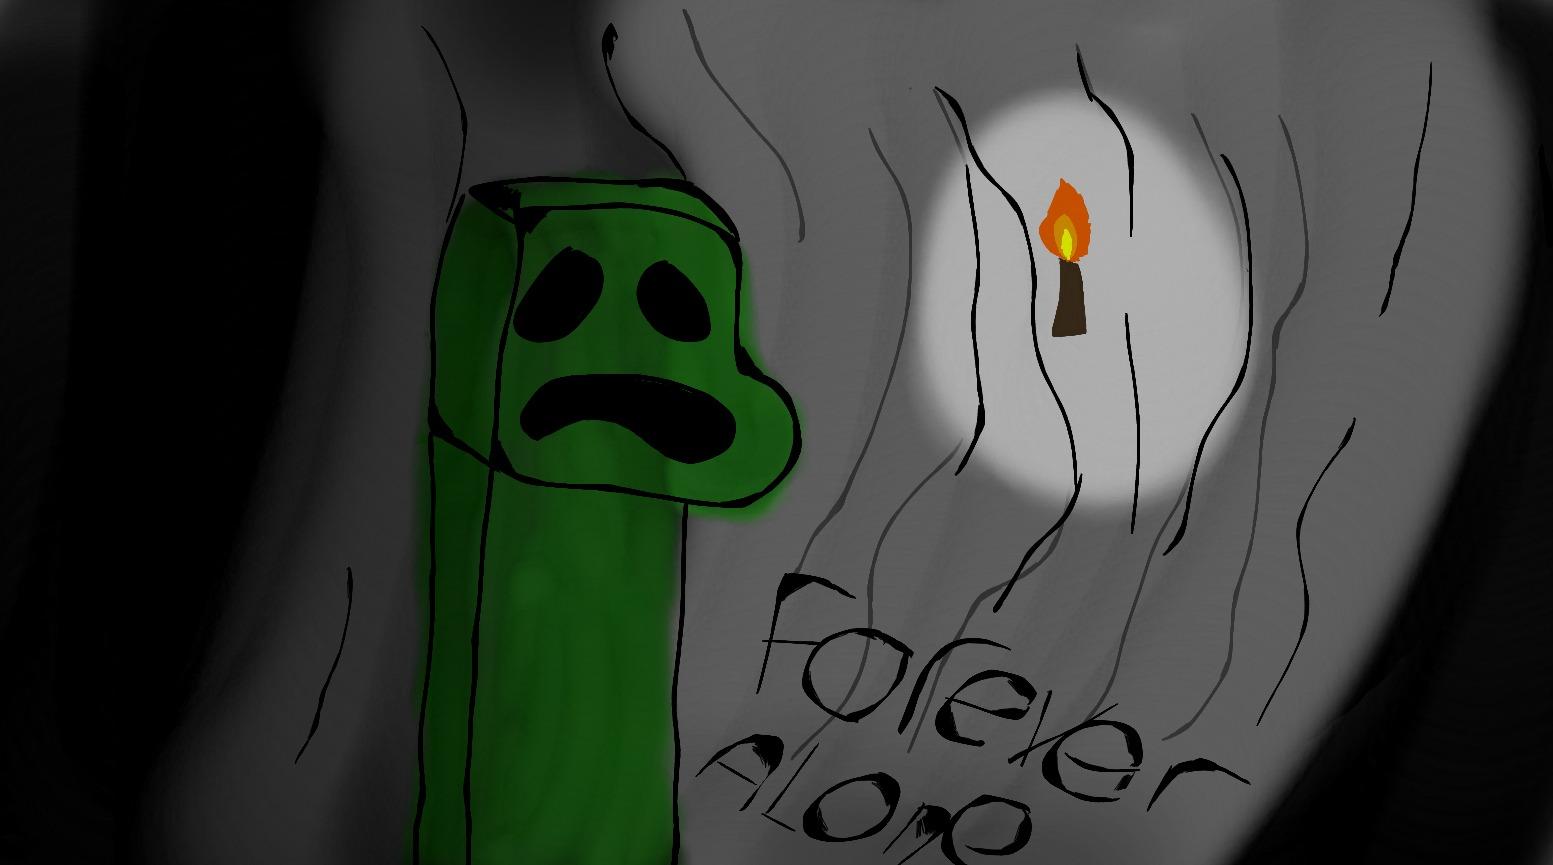 Creeper Alone